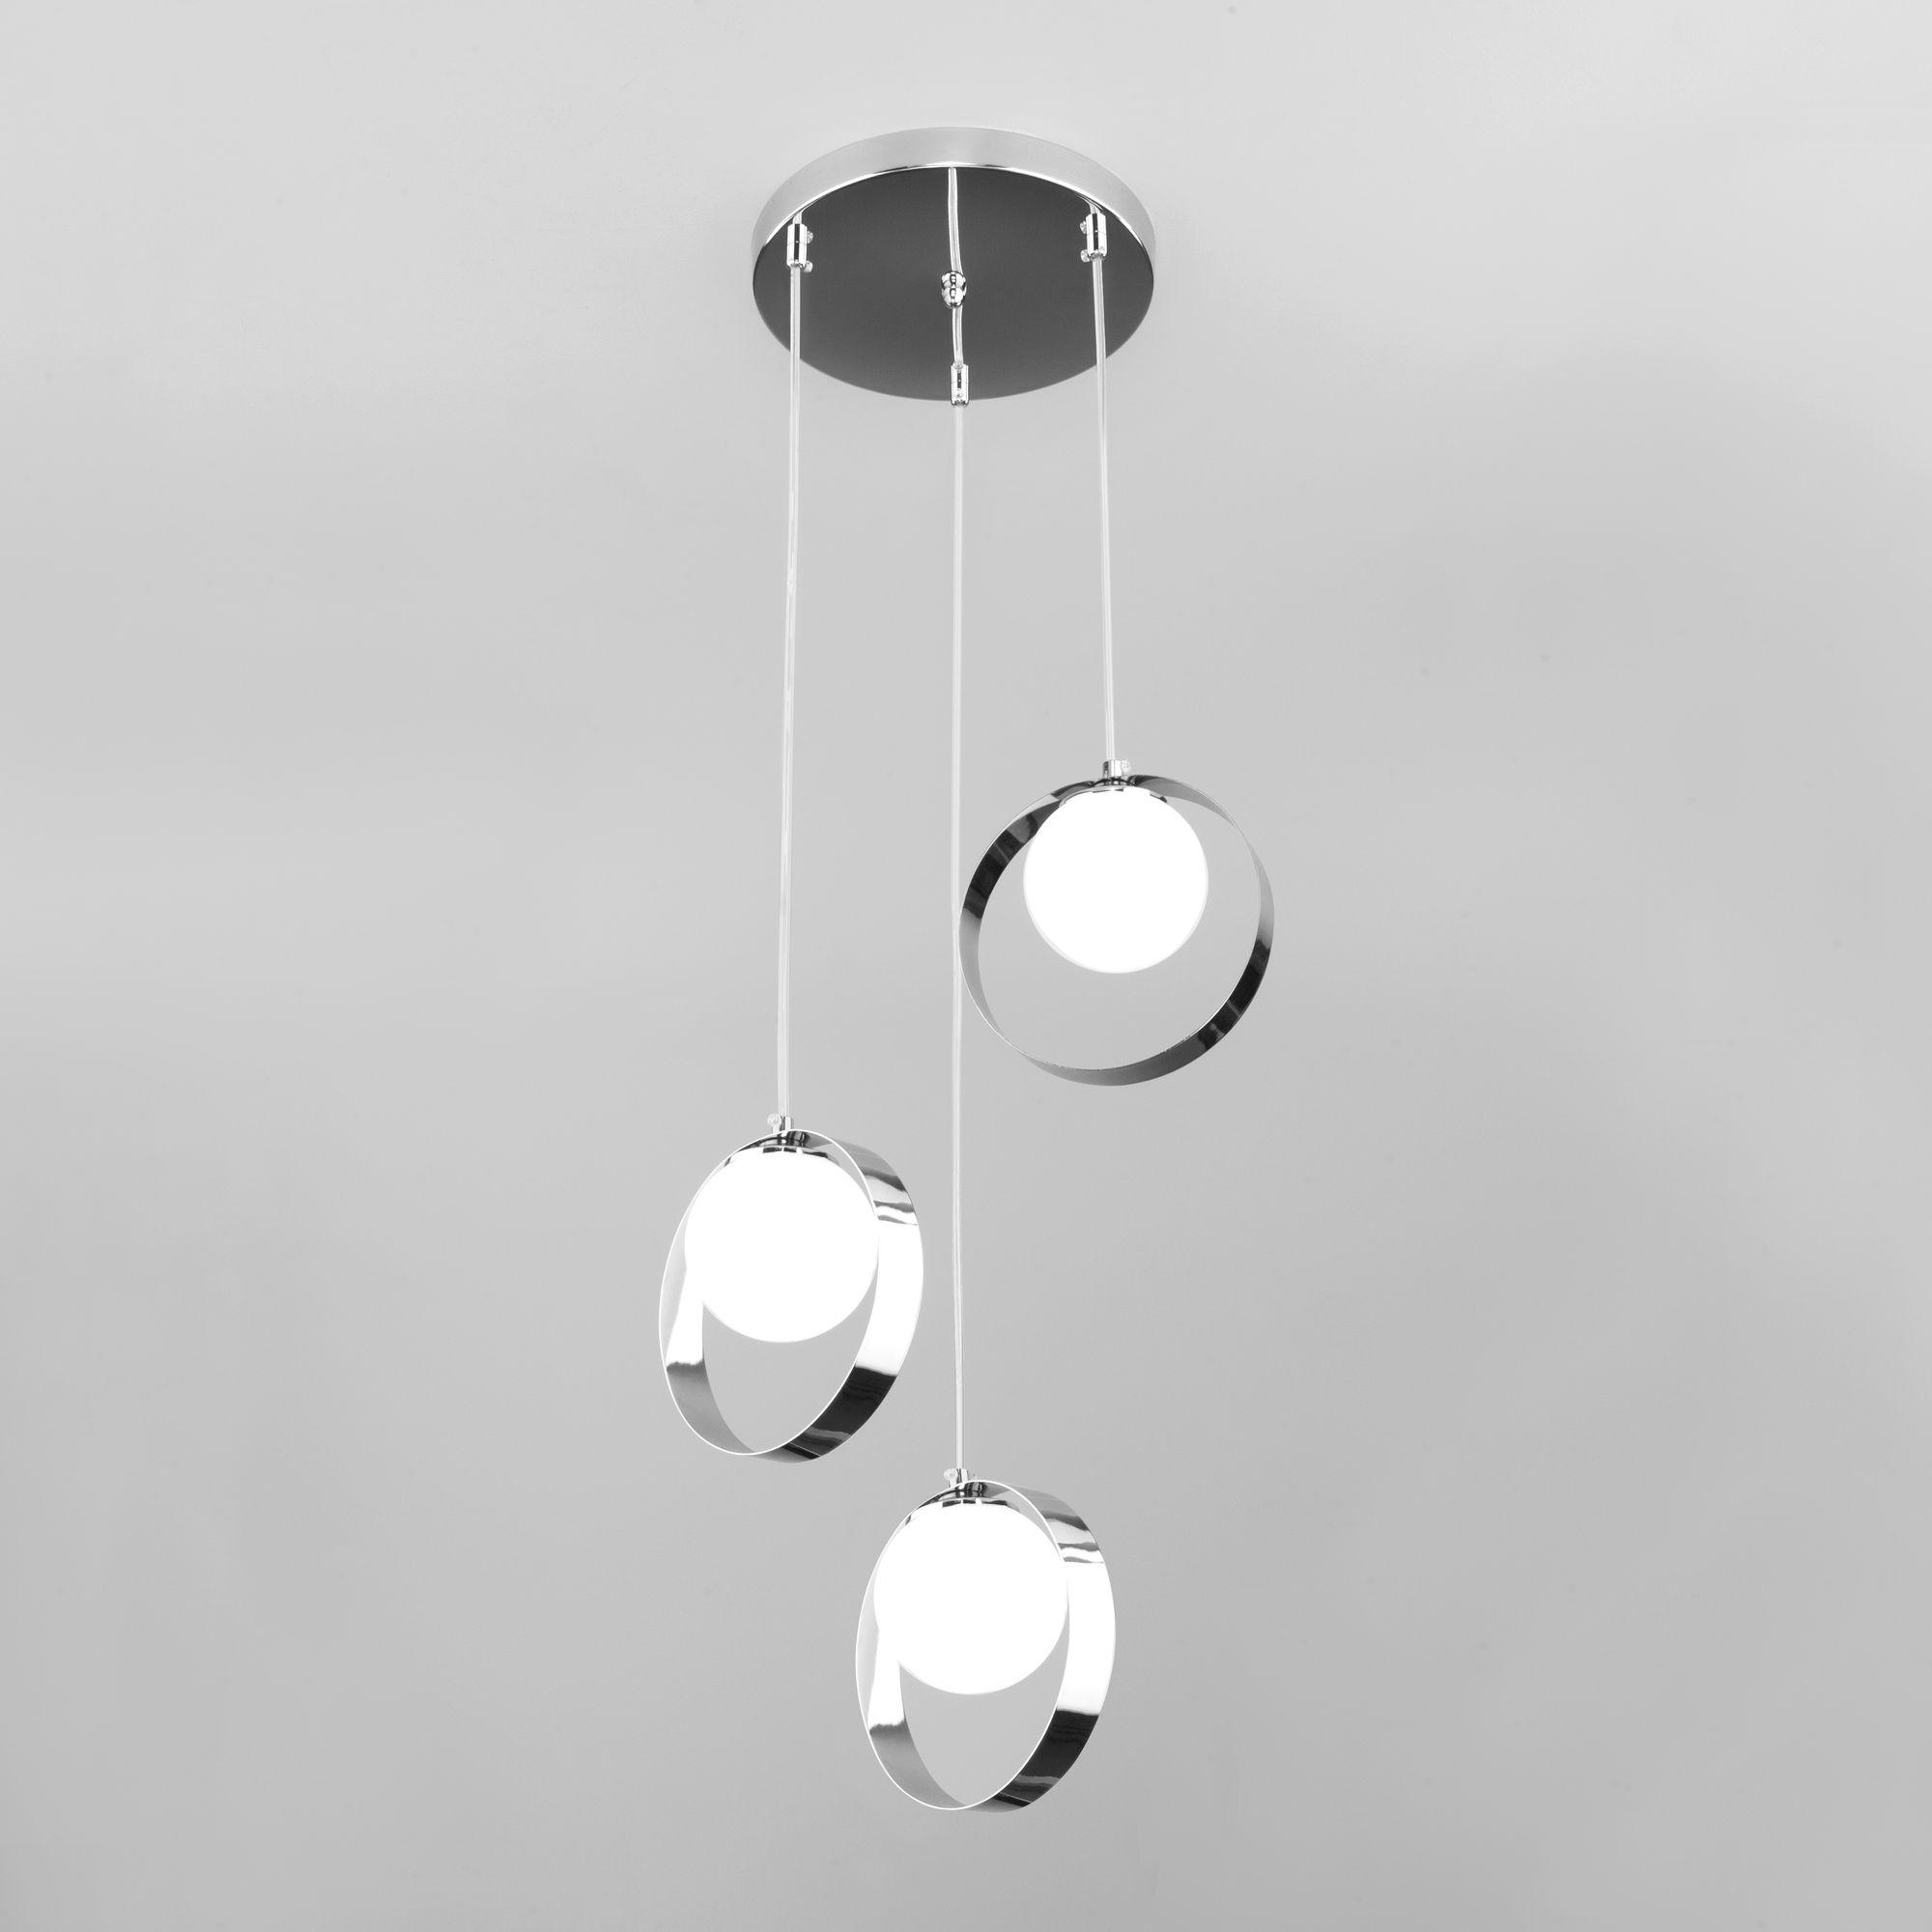 Потолочный светильник со стеклянными плафонами 50205/3 хром